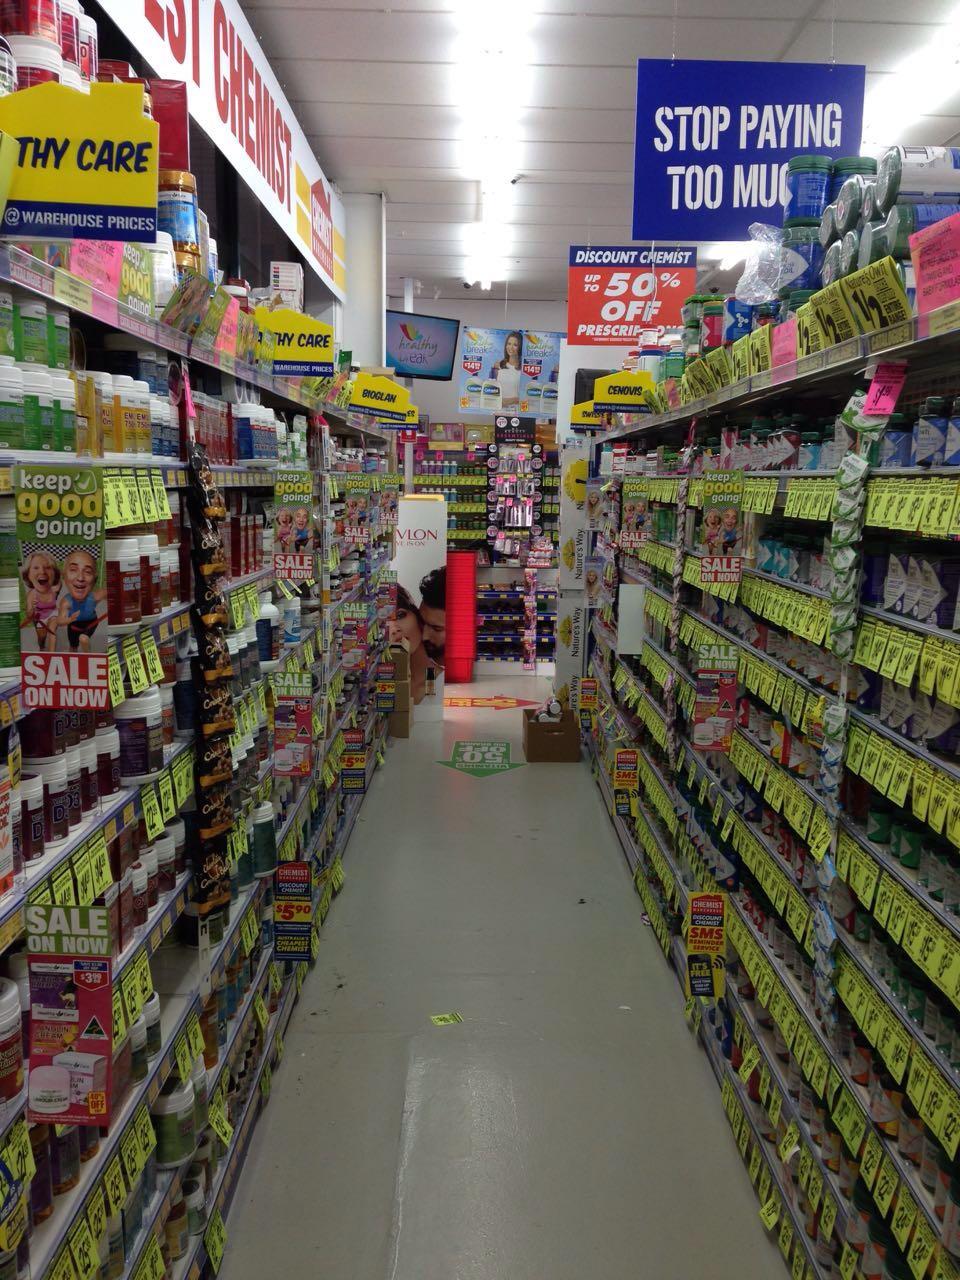 AC澳洲代购生活馆 所有采购的商品涉及80多种,全部商品采购澳大利亚墨尔本药店超市